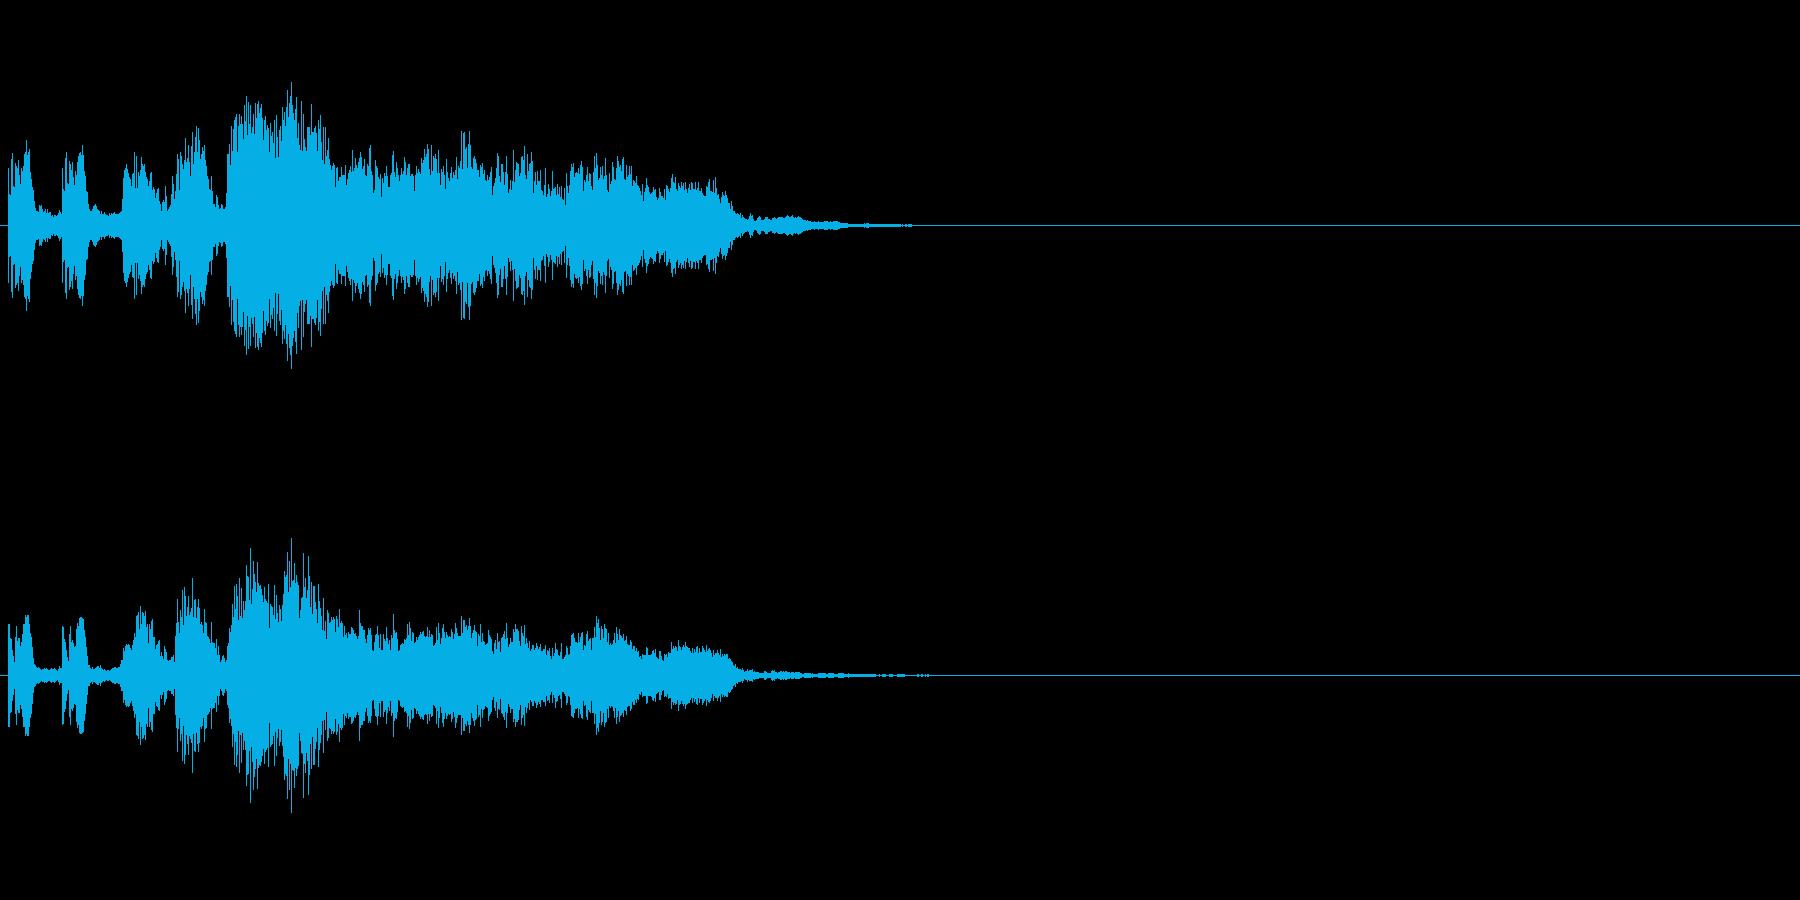 怪しげな雰囲気・気配がした時の効果音の再生済みの波形